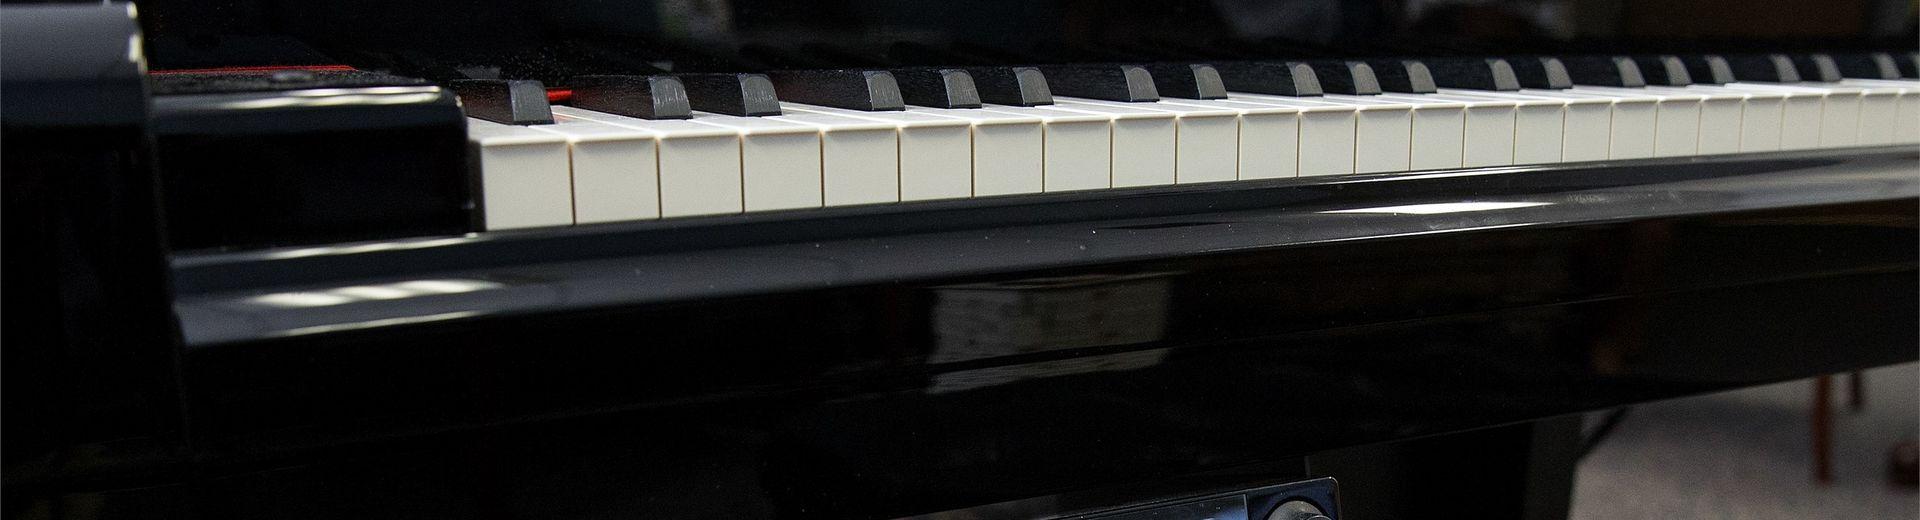 A Yamaha piano in a classroom